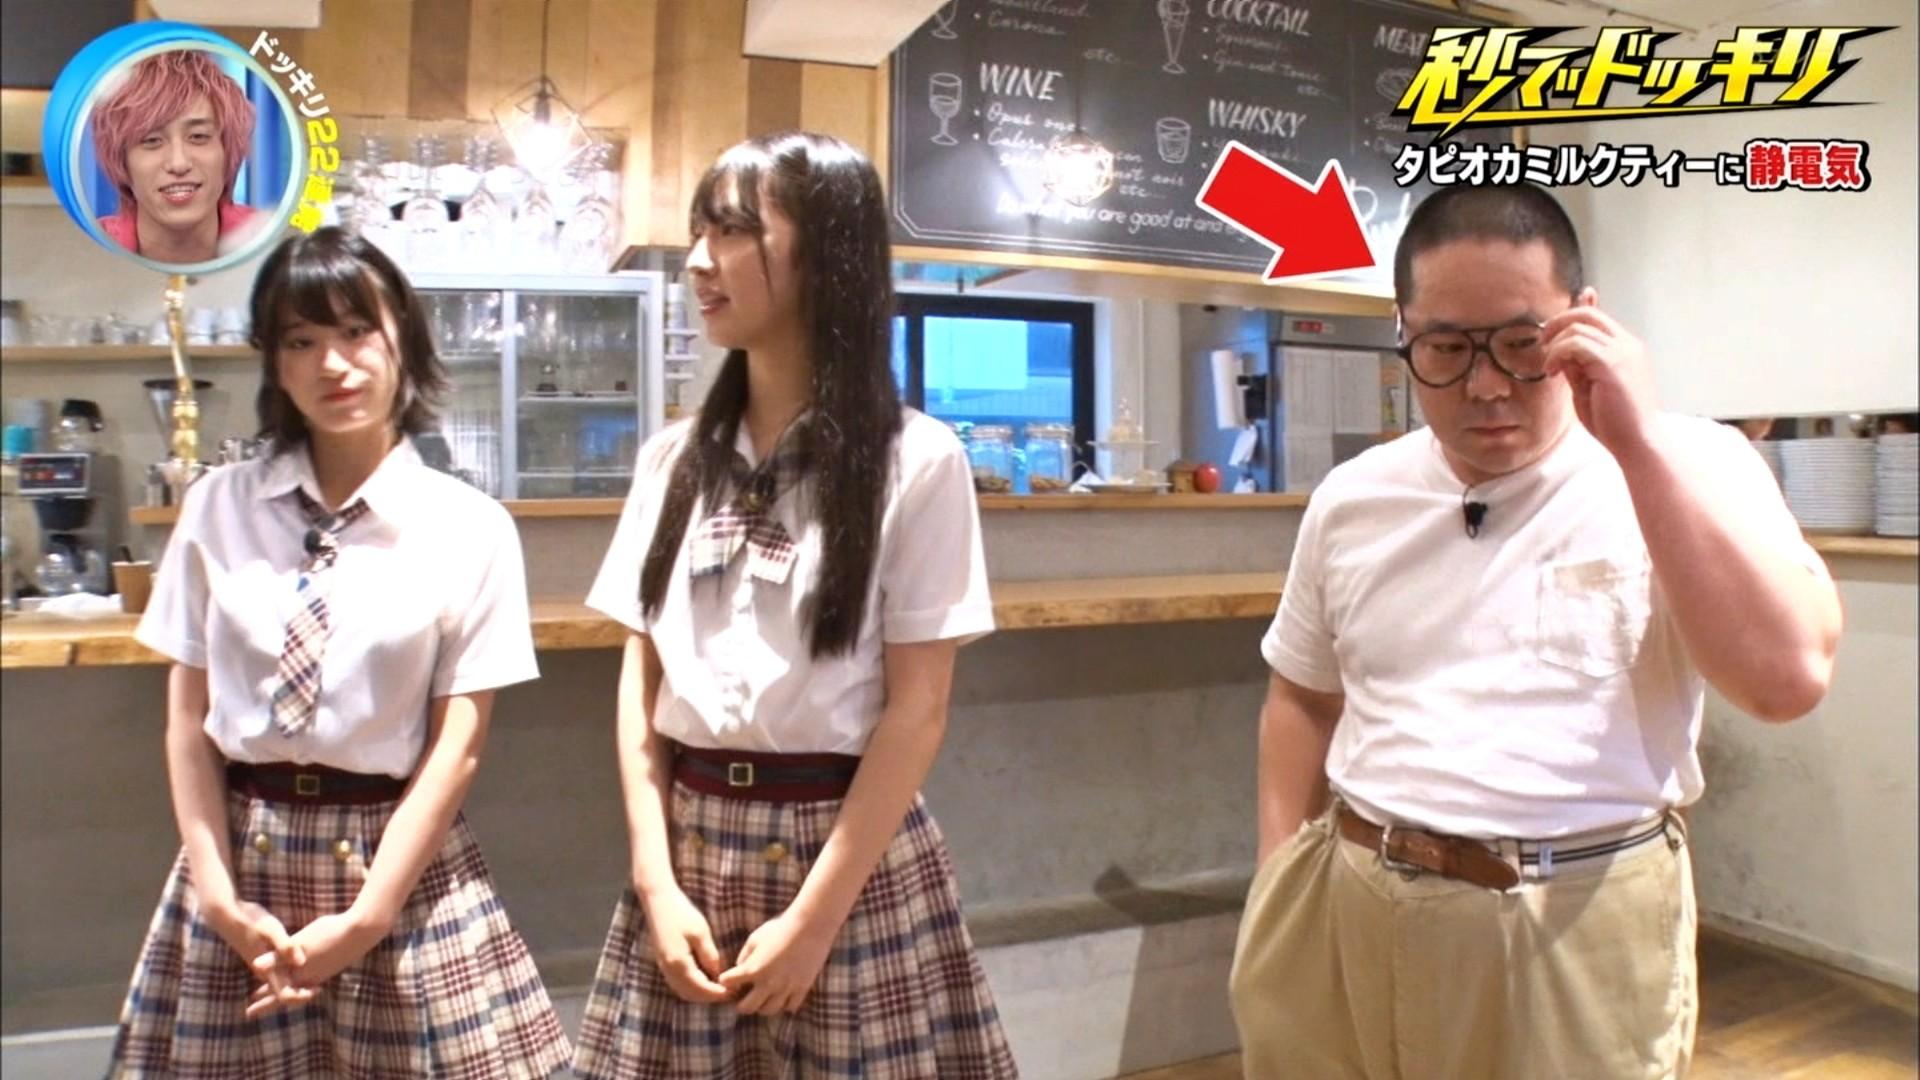 2019年11月30日にフジテレビ系列でほうそうされた「芸能人が本気で考えた!ドッキリGP」に出演したNMB48上西怜・大田莉央奈の画像-031